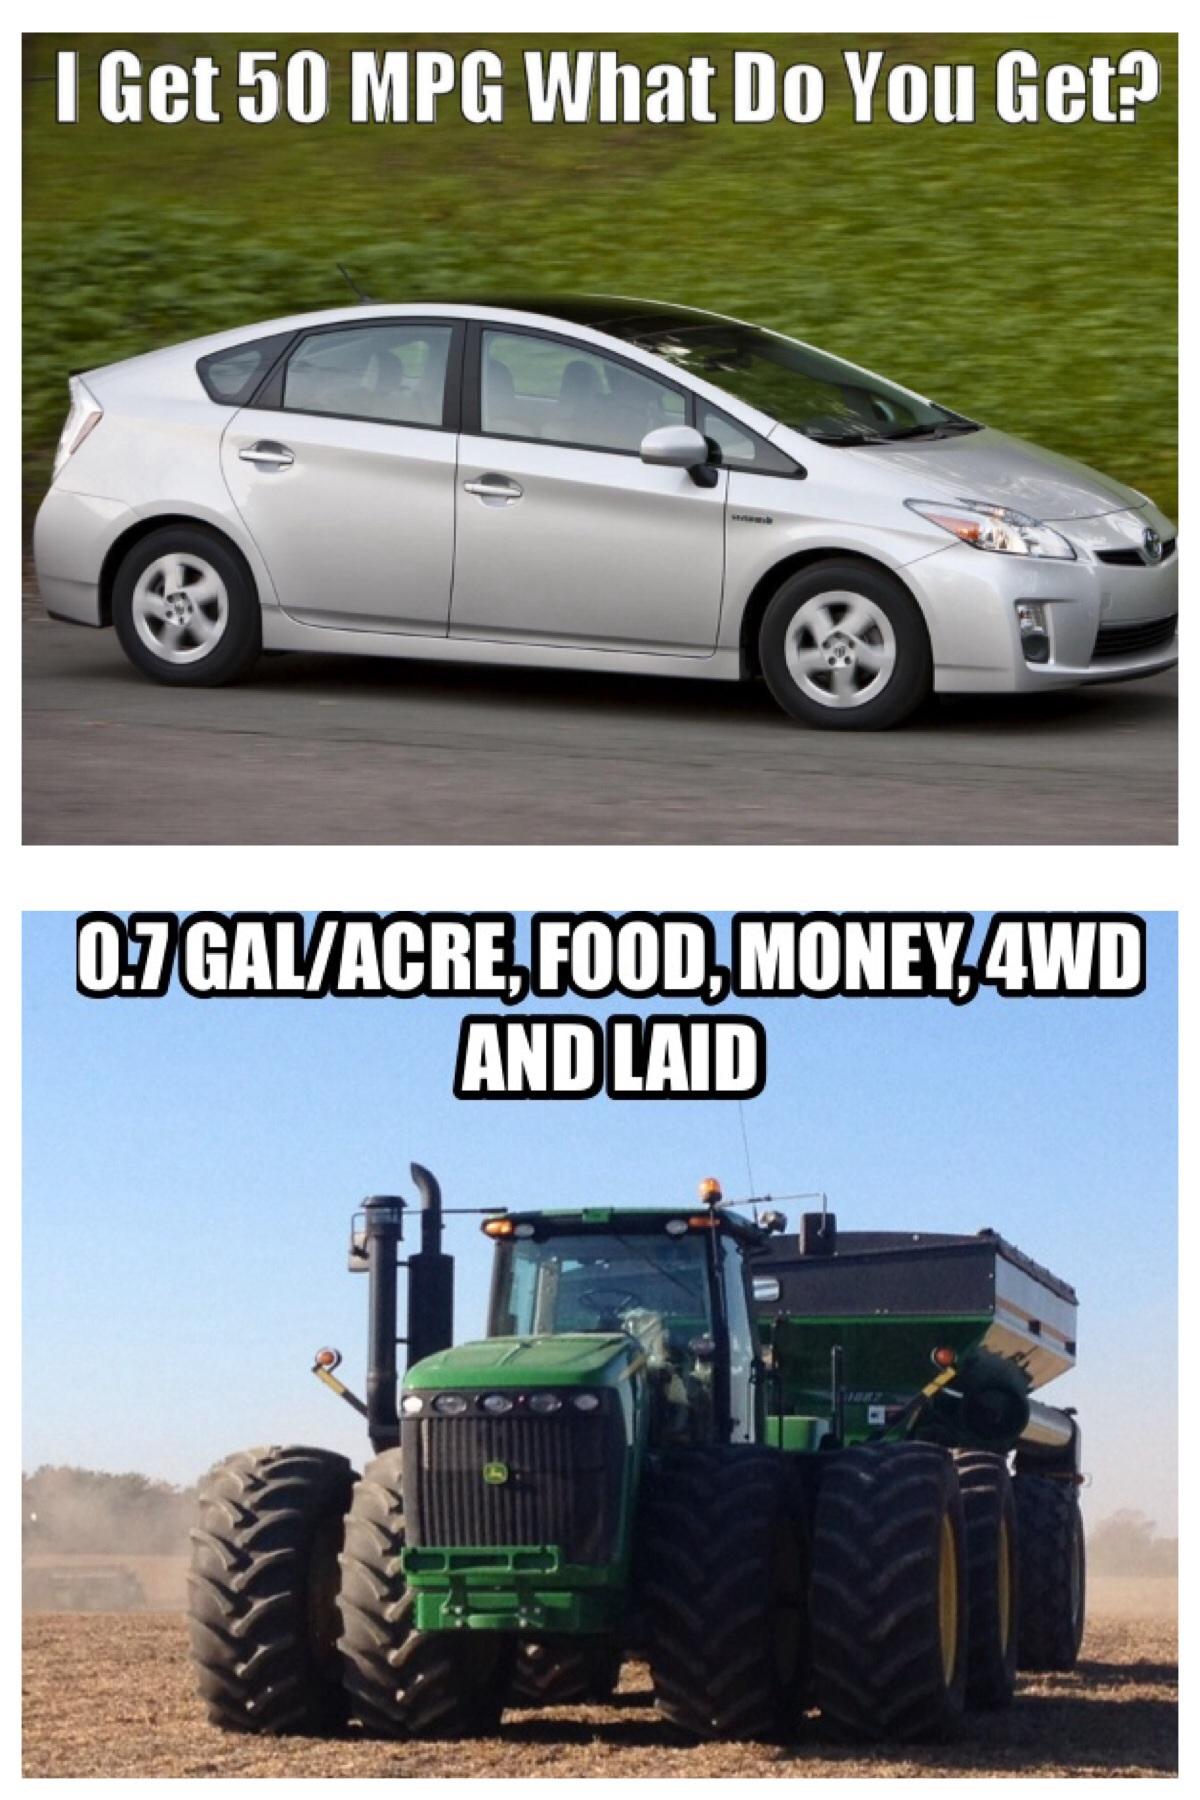 Prius Repellent Memes